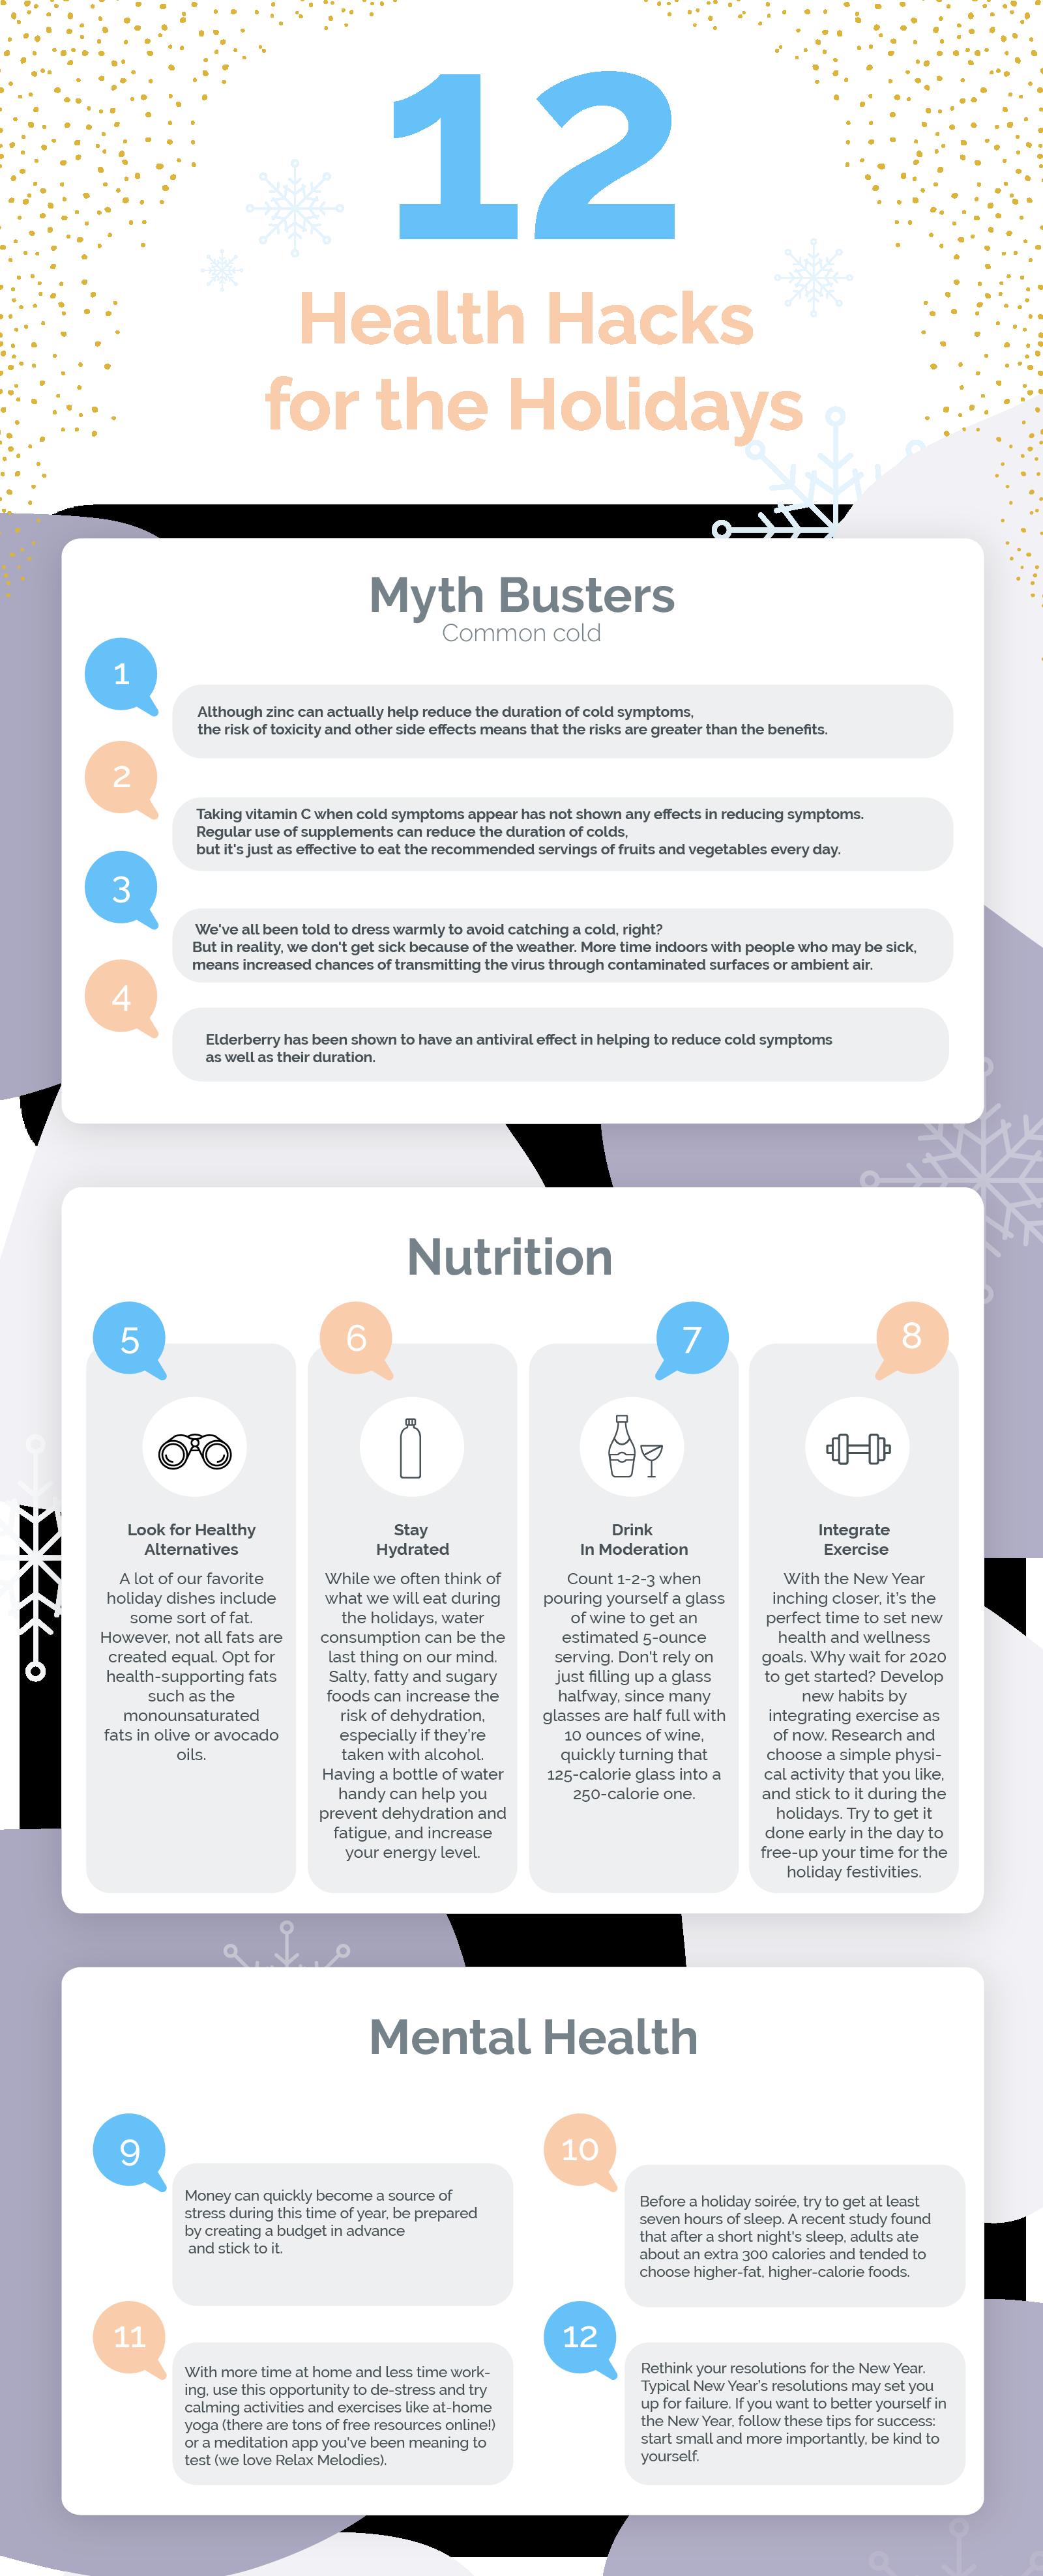 infographic-En-V3-01